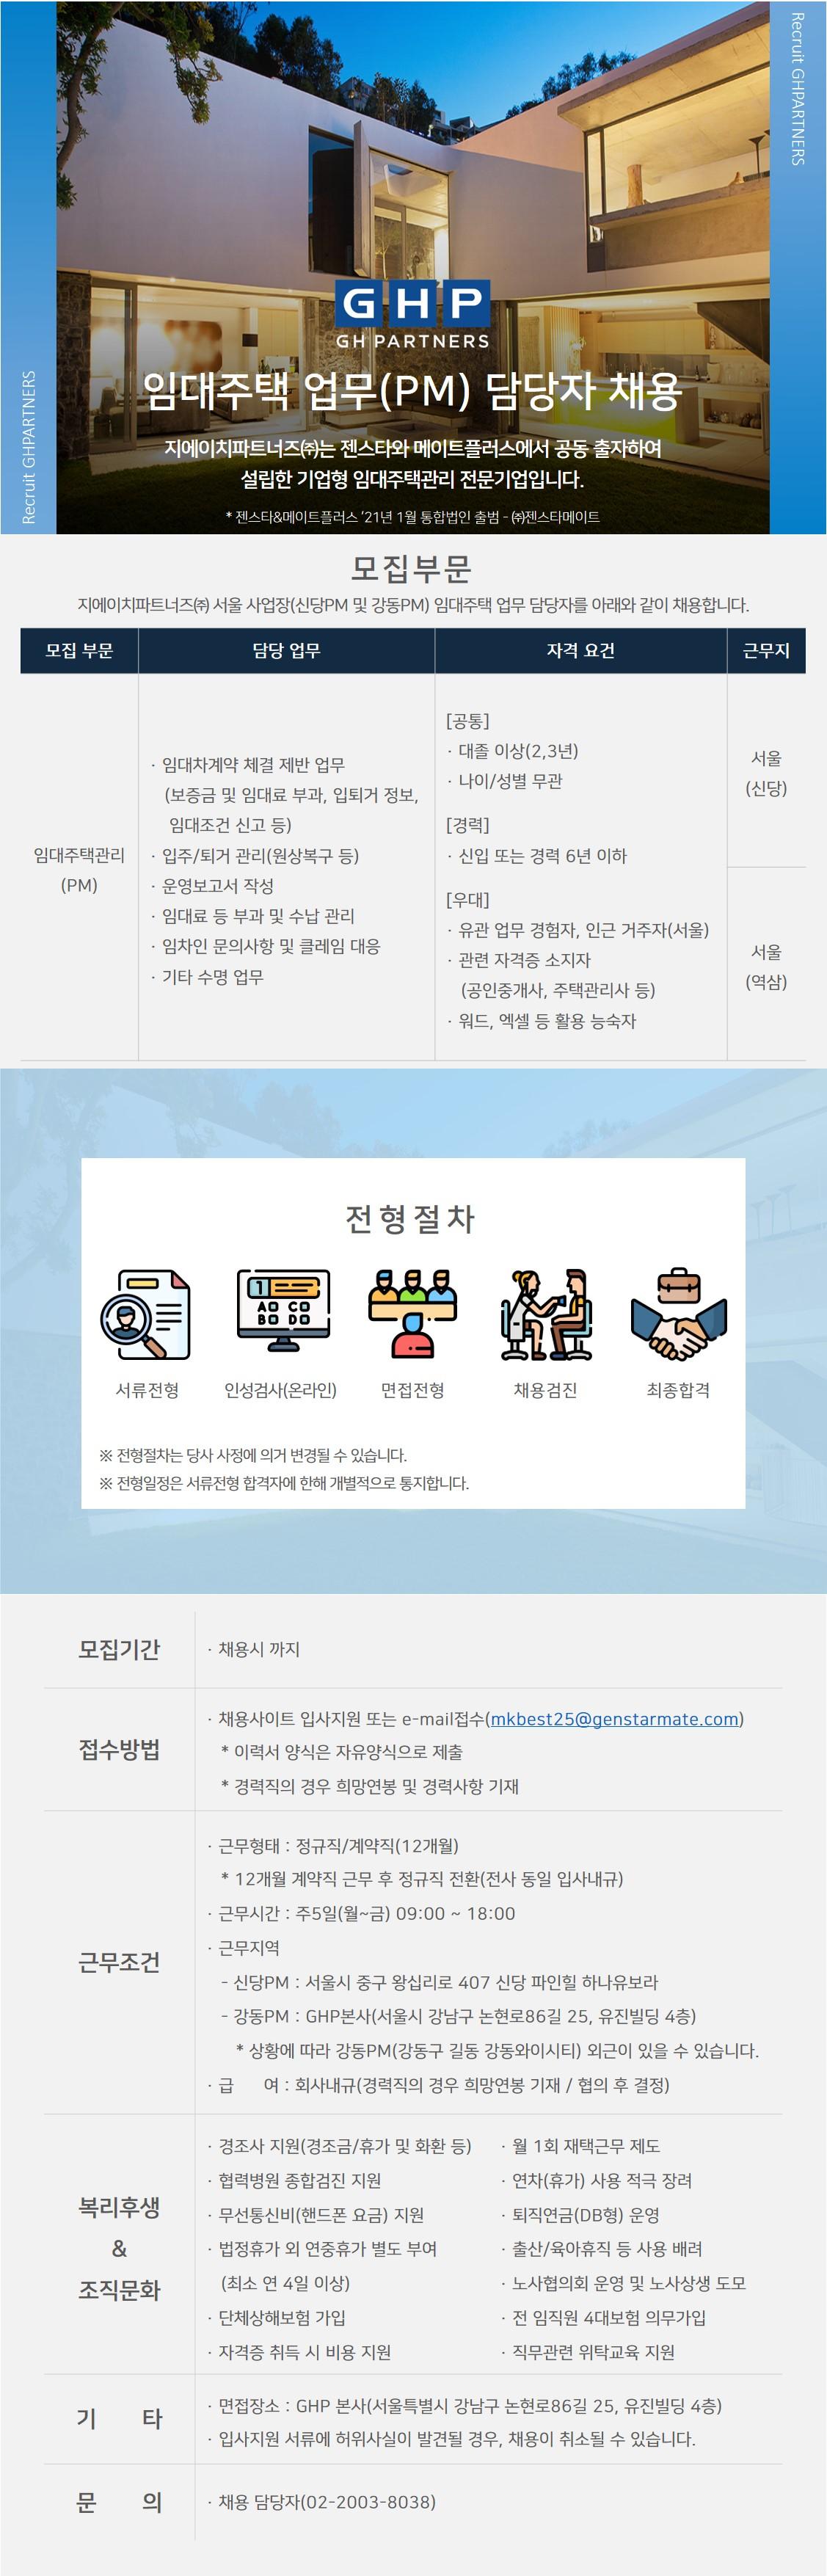 20210706 서울_채용(PM'er).jpg